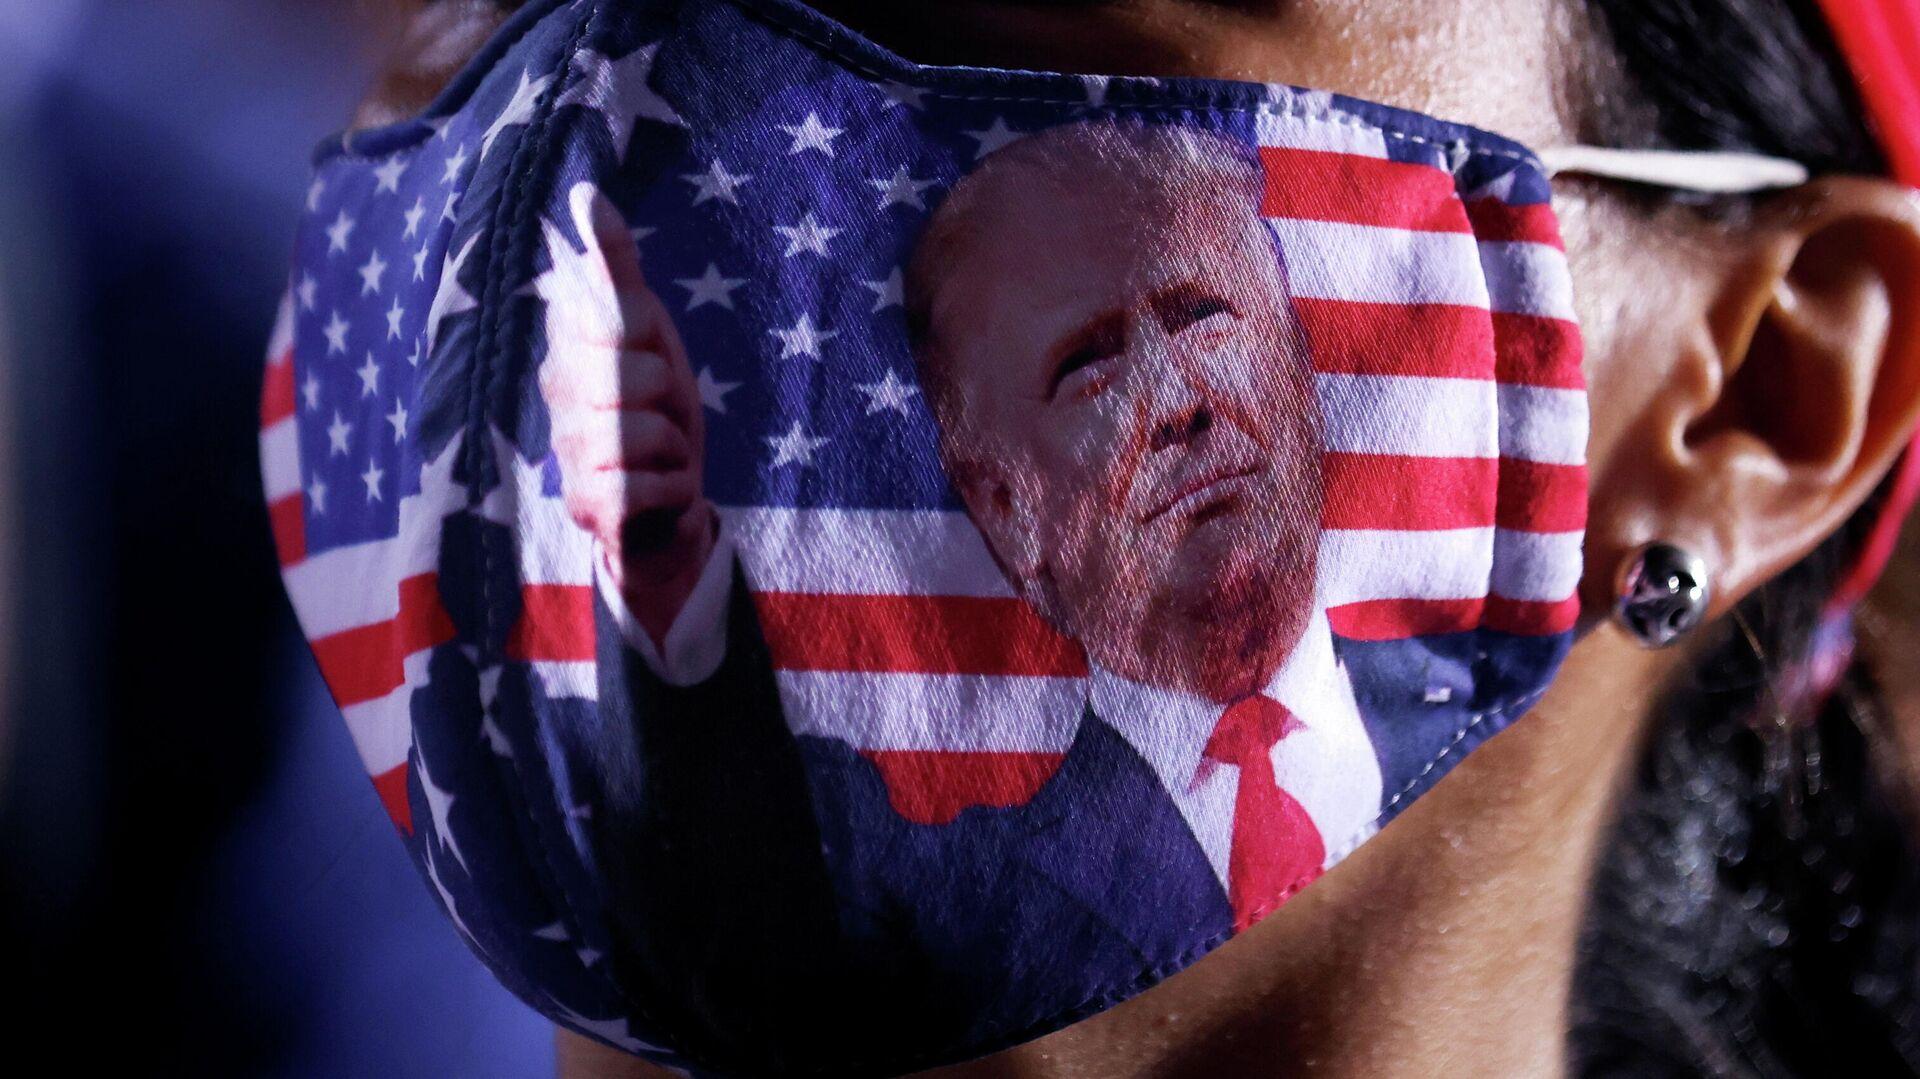 Сторонница президента США Дональда Трампа в маске на митинге в Опа-Локке, Флорида, США, 2 ноября 2020 года - РИА Новости, 1920, 03.11.2020